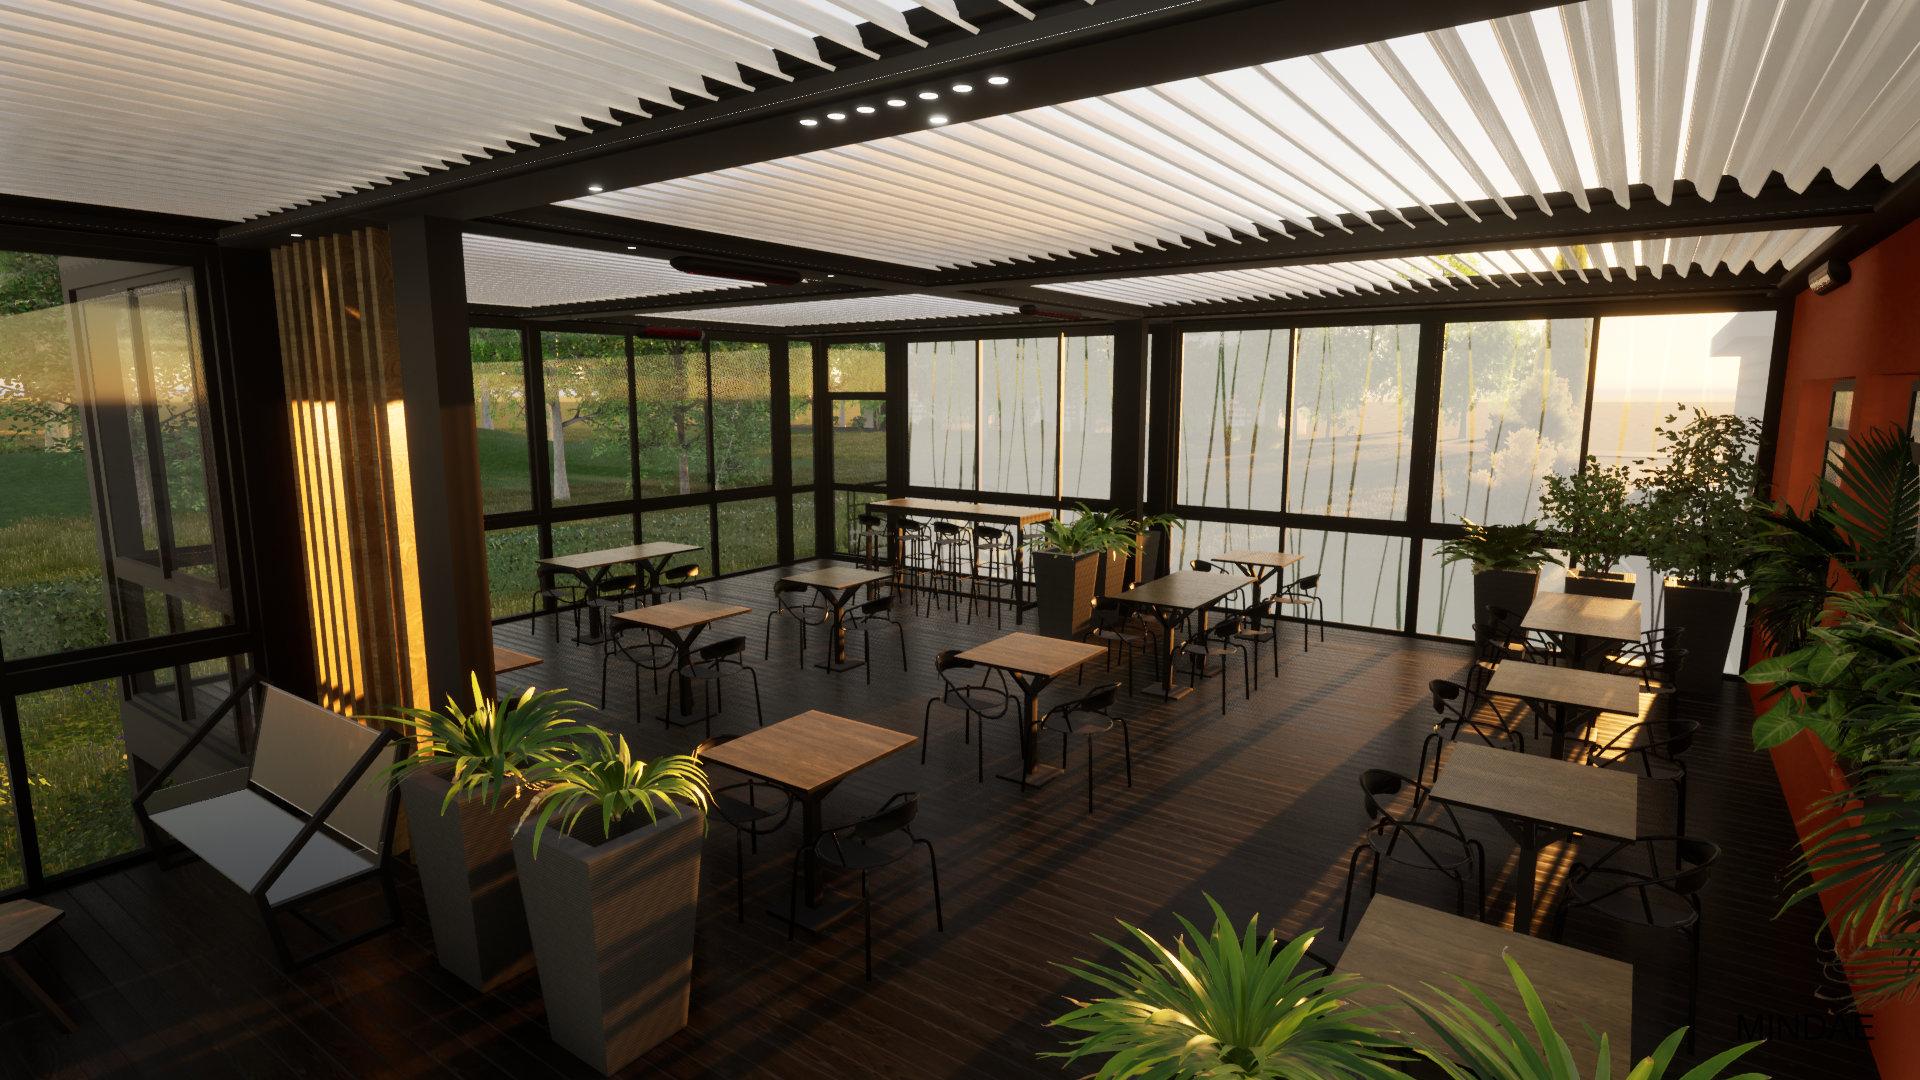 MINDAE_GPAL_Pergola_pilotis_terrasse_restaurant_carbone_orne_herouville_chef (3)